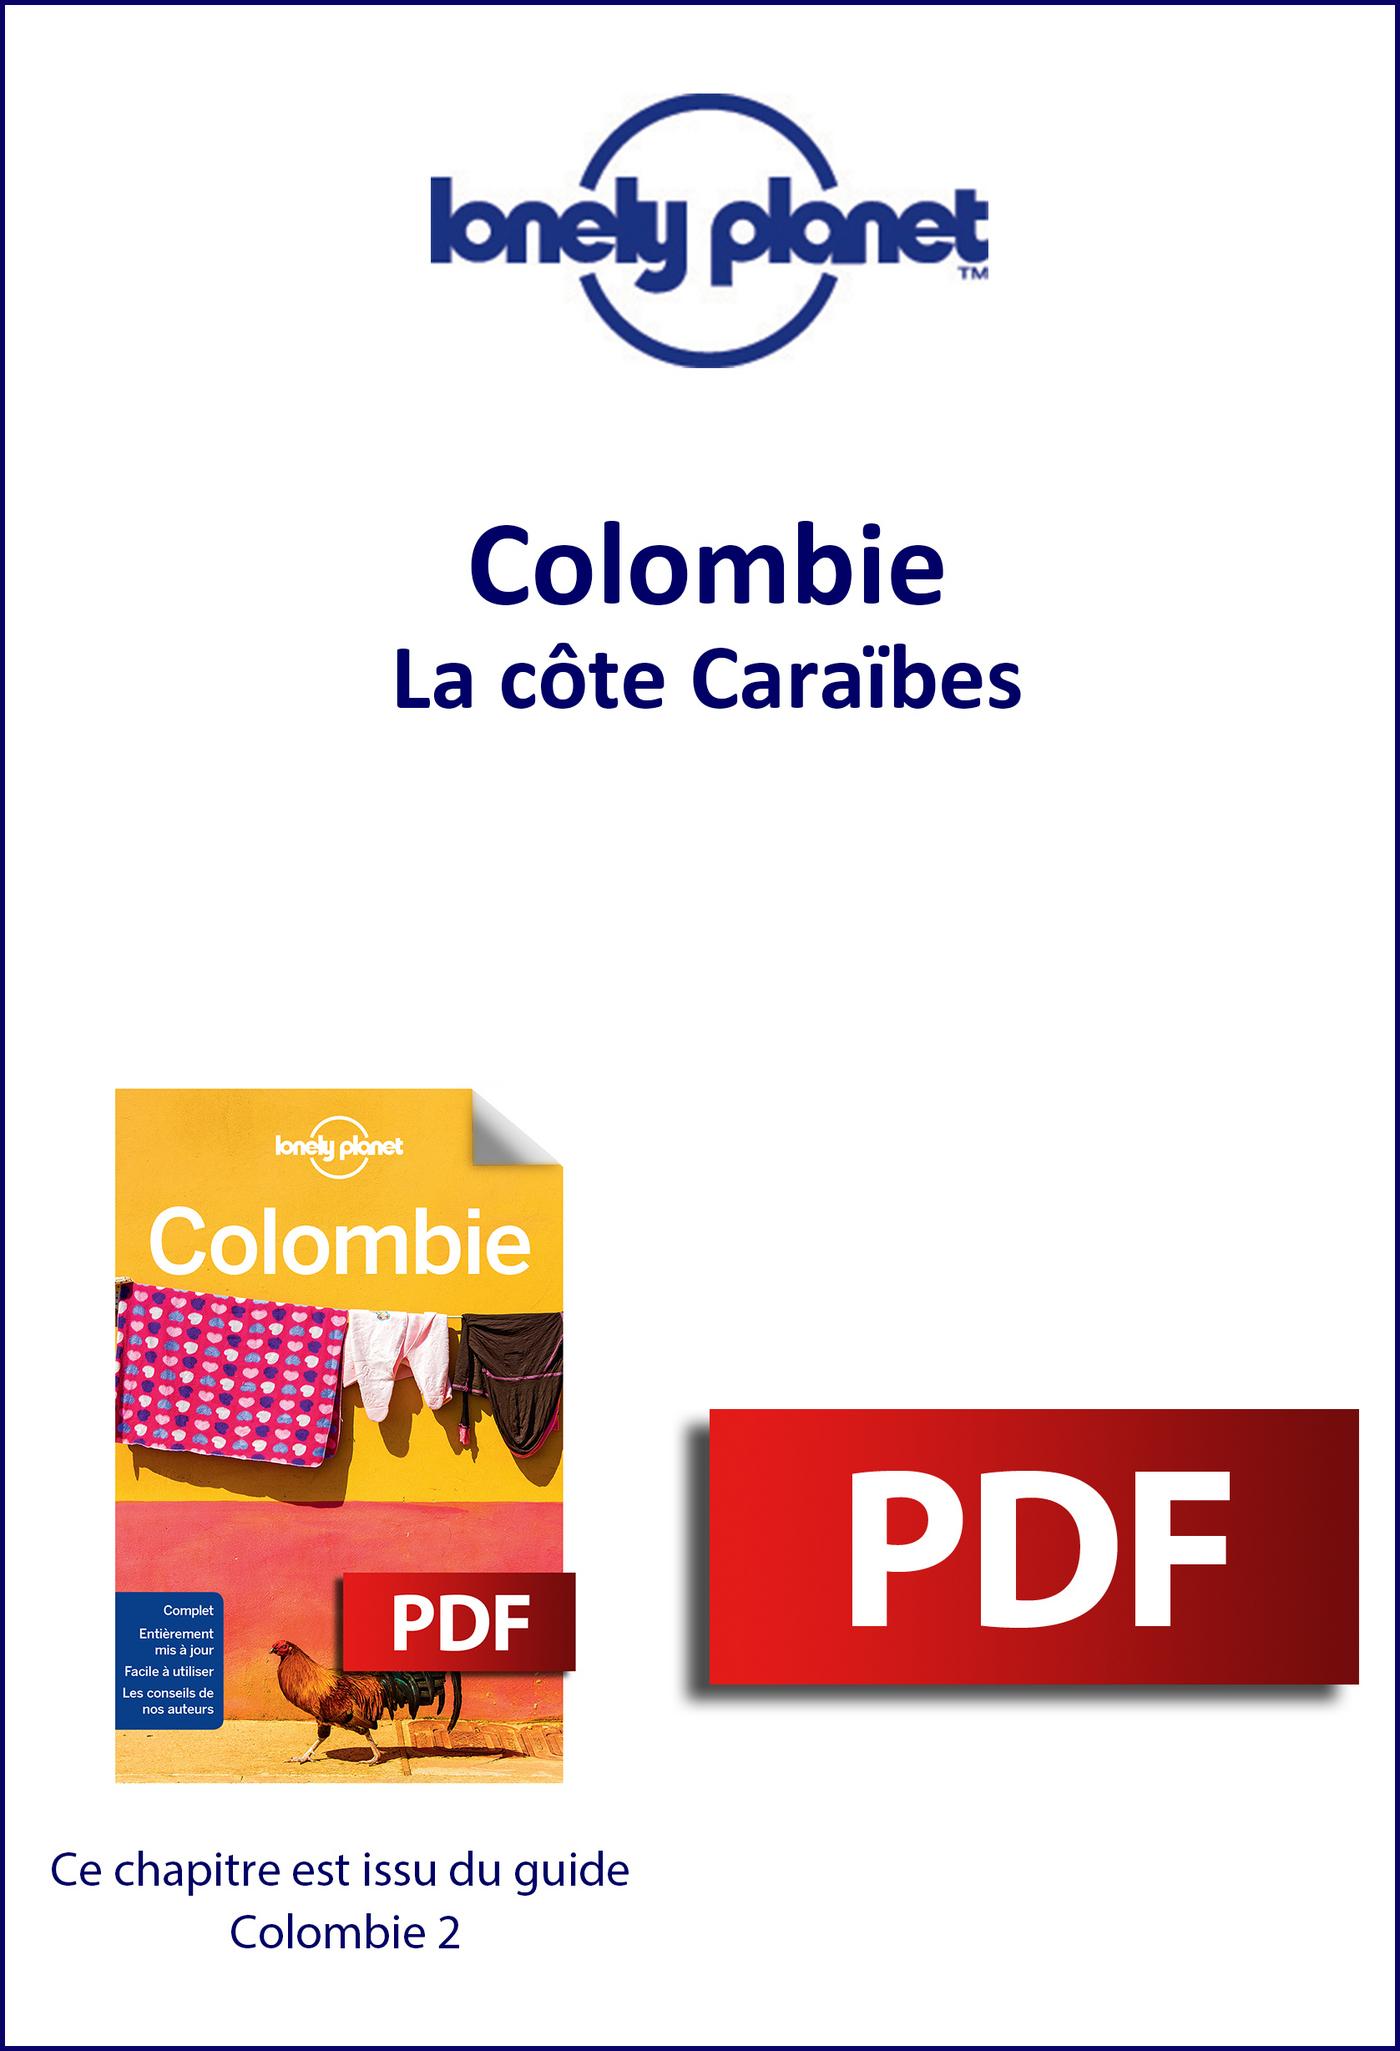 Colombie - La côte Caraïbes